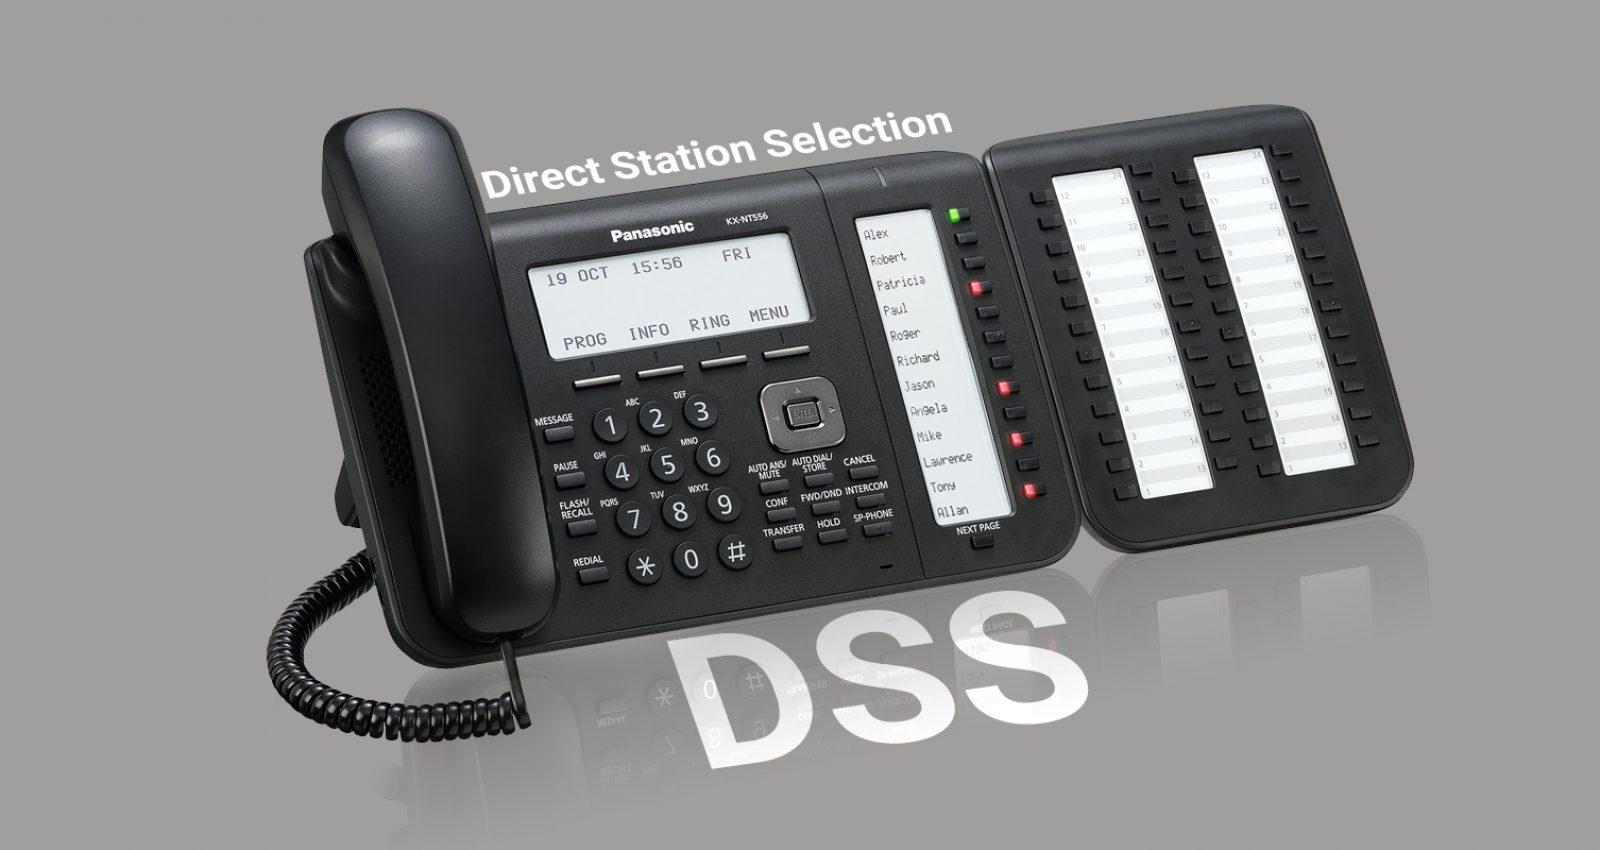 تعریف دکمه های DSS -دسترسی سریع